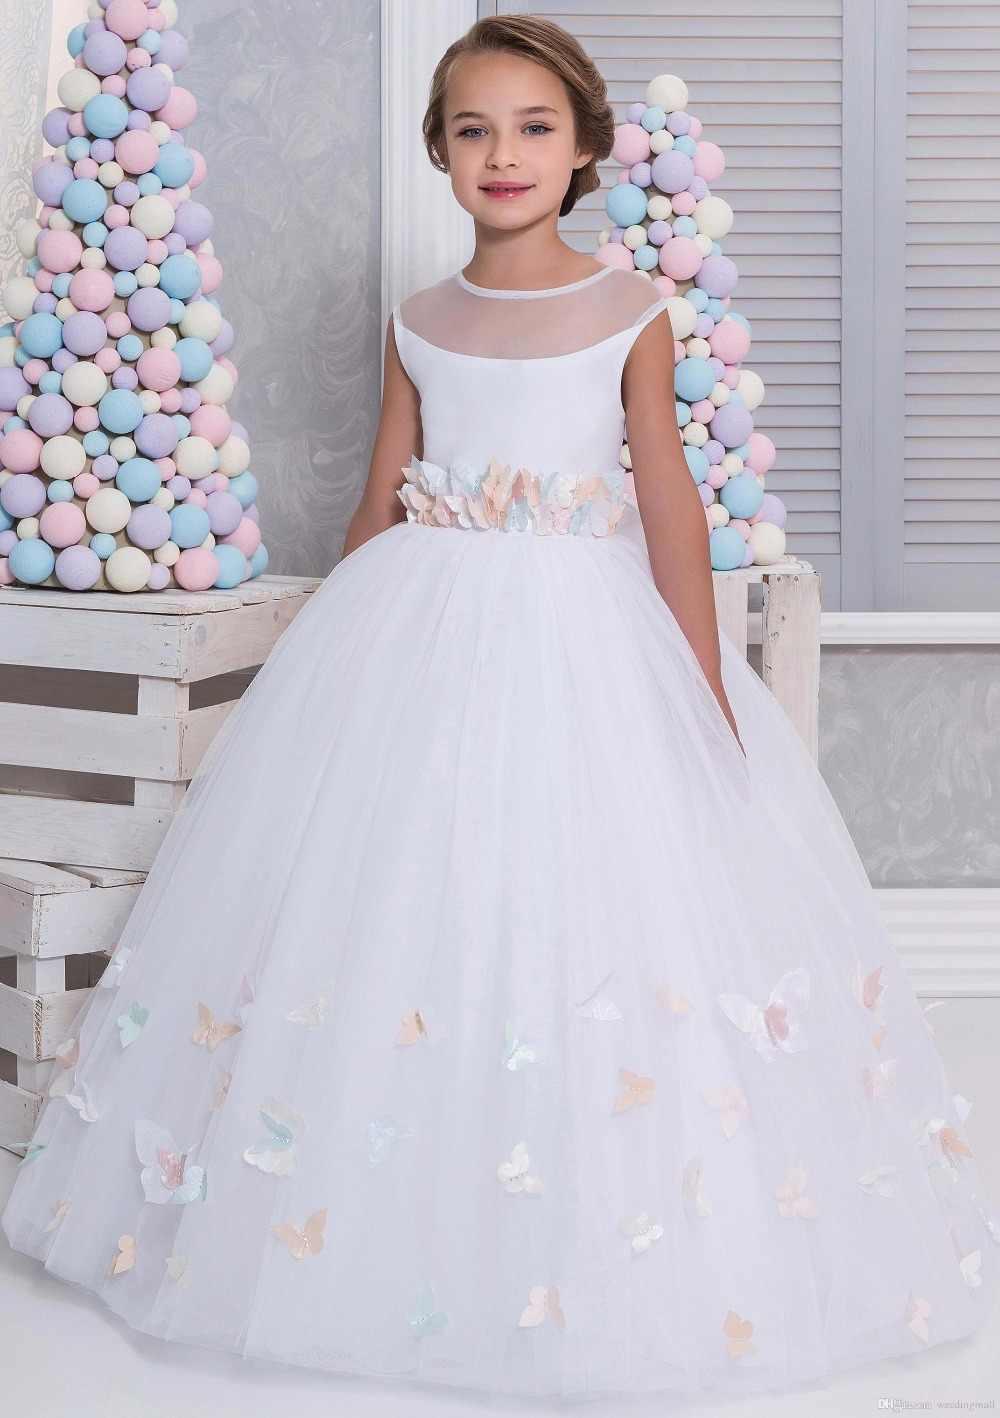 2019 г. Белые Платья с цветочным рисунком для девочек на свадьбу, бальное платье, кружевное арабское праздничное платье для девочки, платье для первого причастия